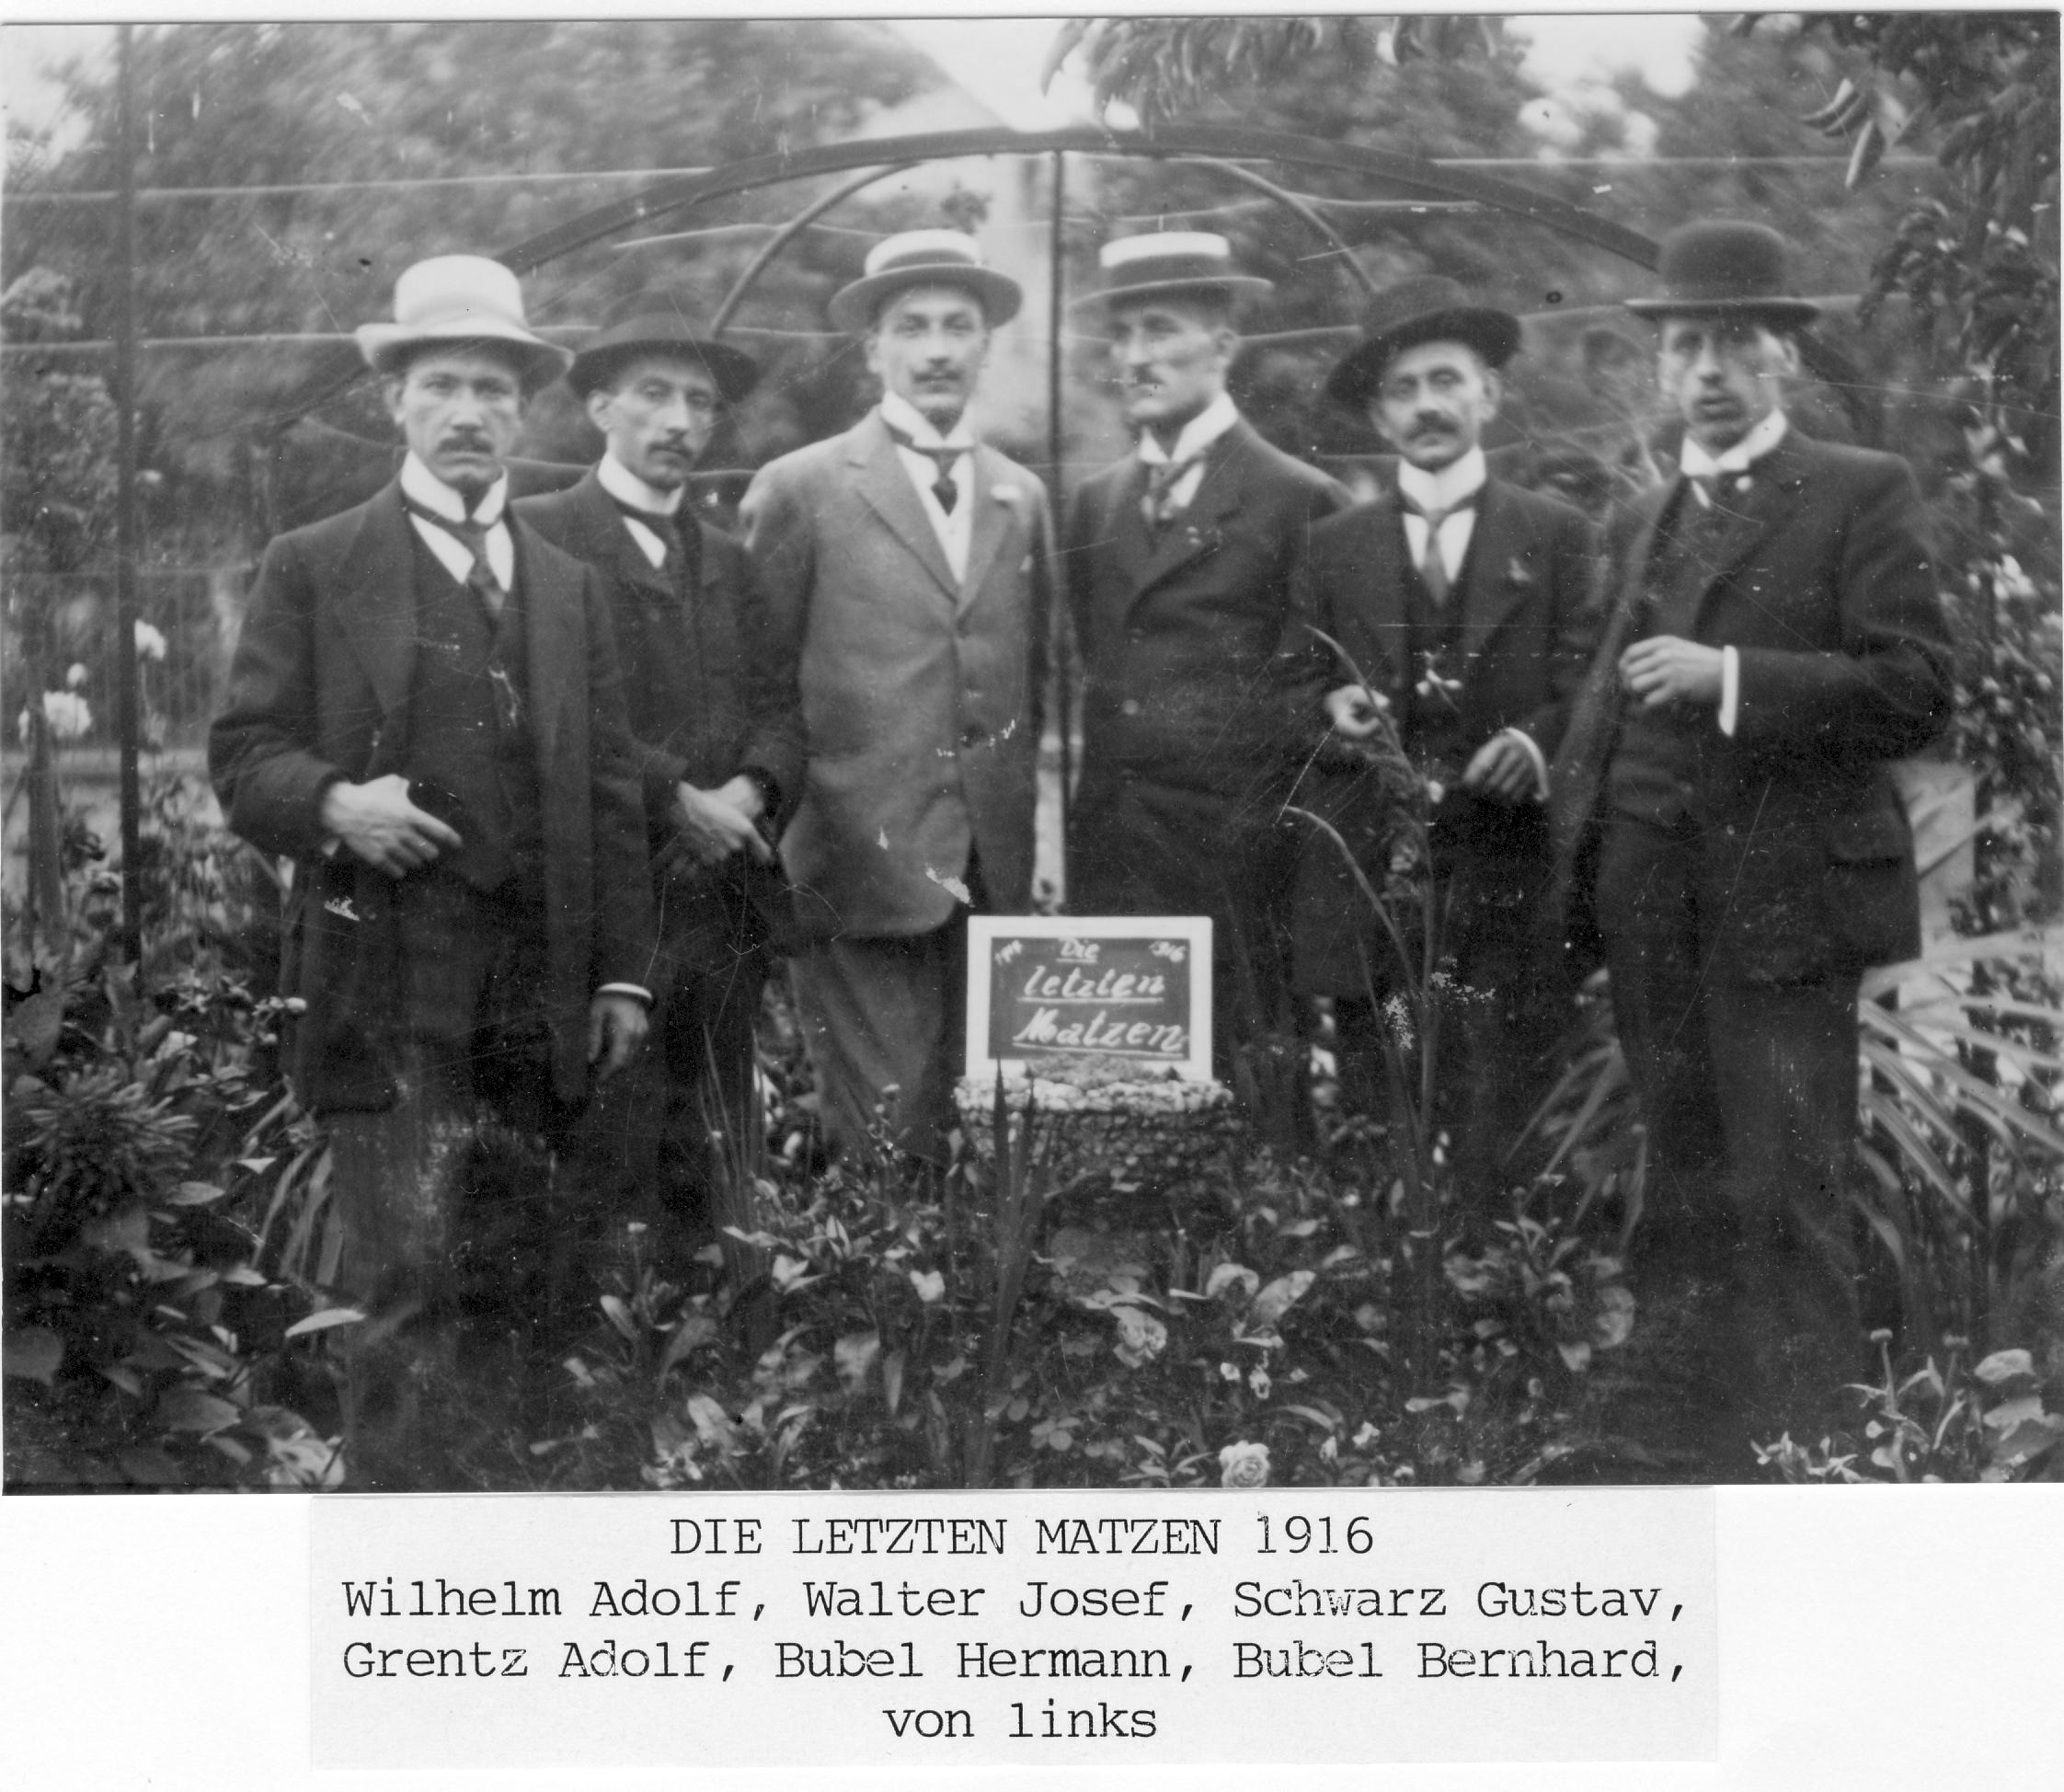 Die letzten Matzen 1916